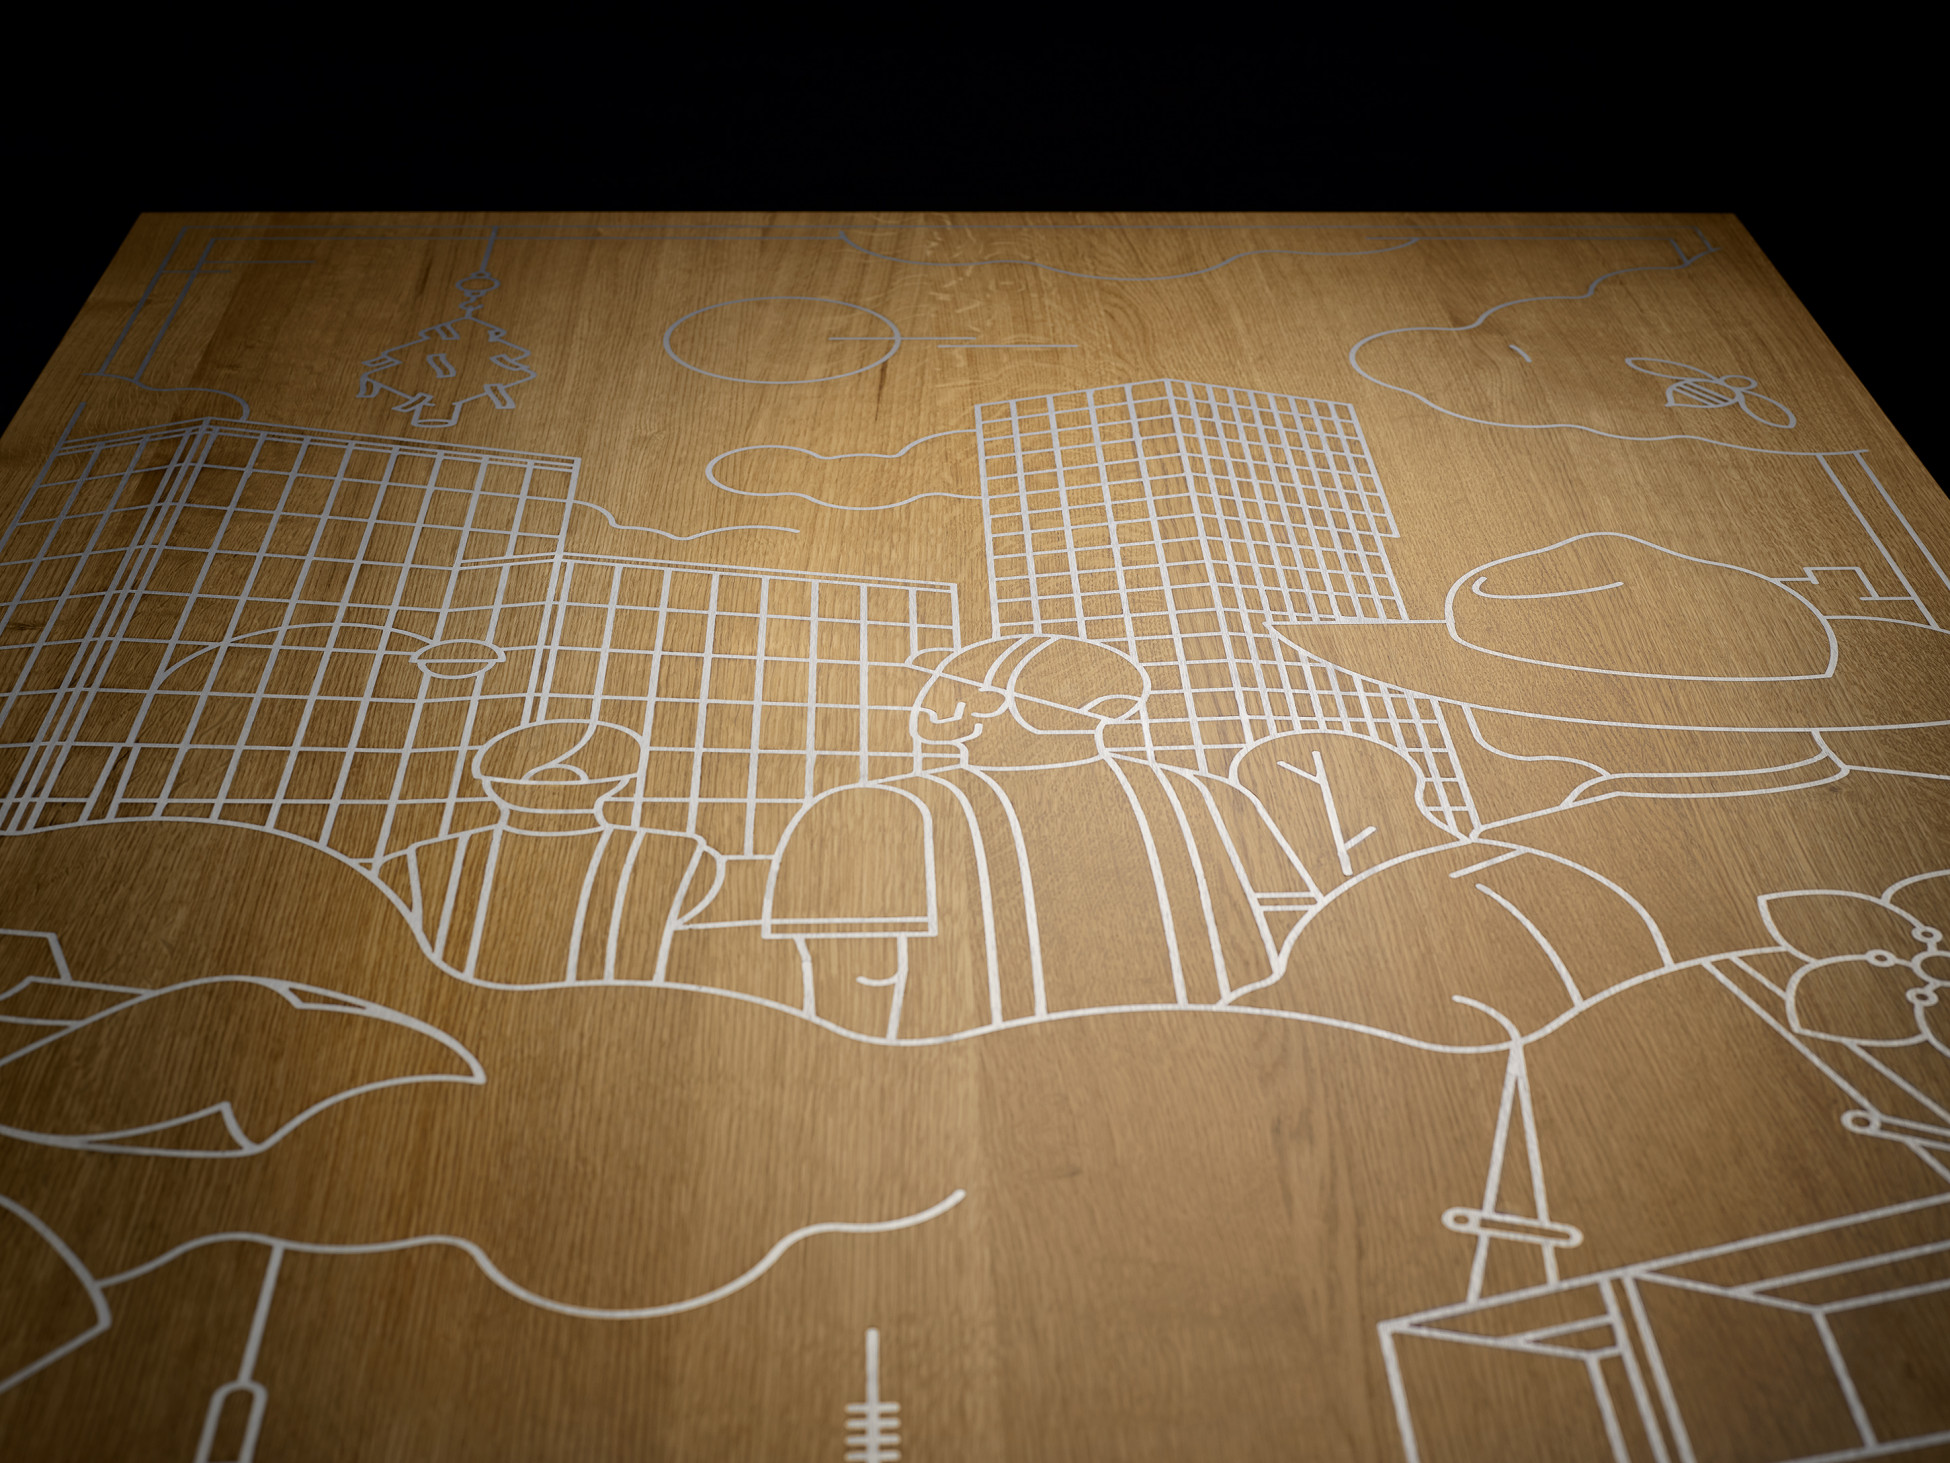 Grosser Holztisch mit eingravierter Firmengeschichte in Zinnguss